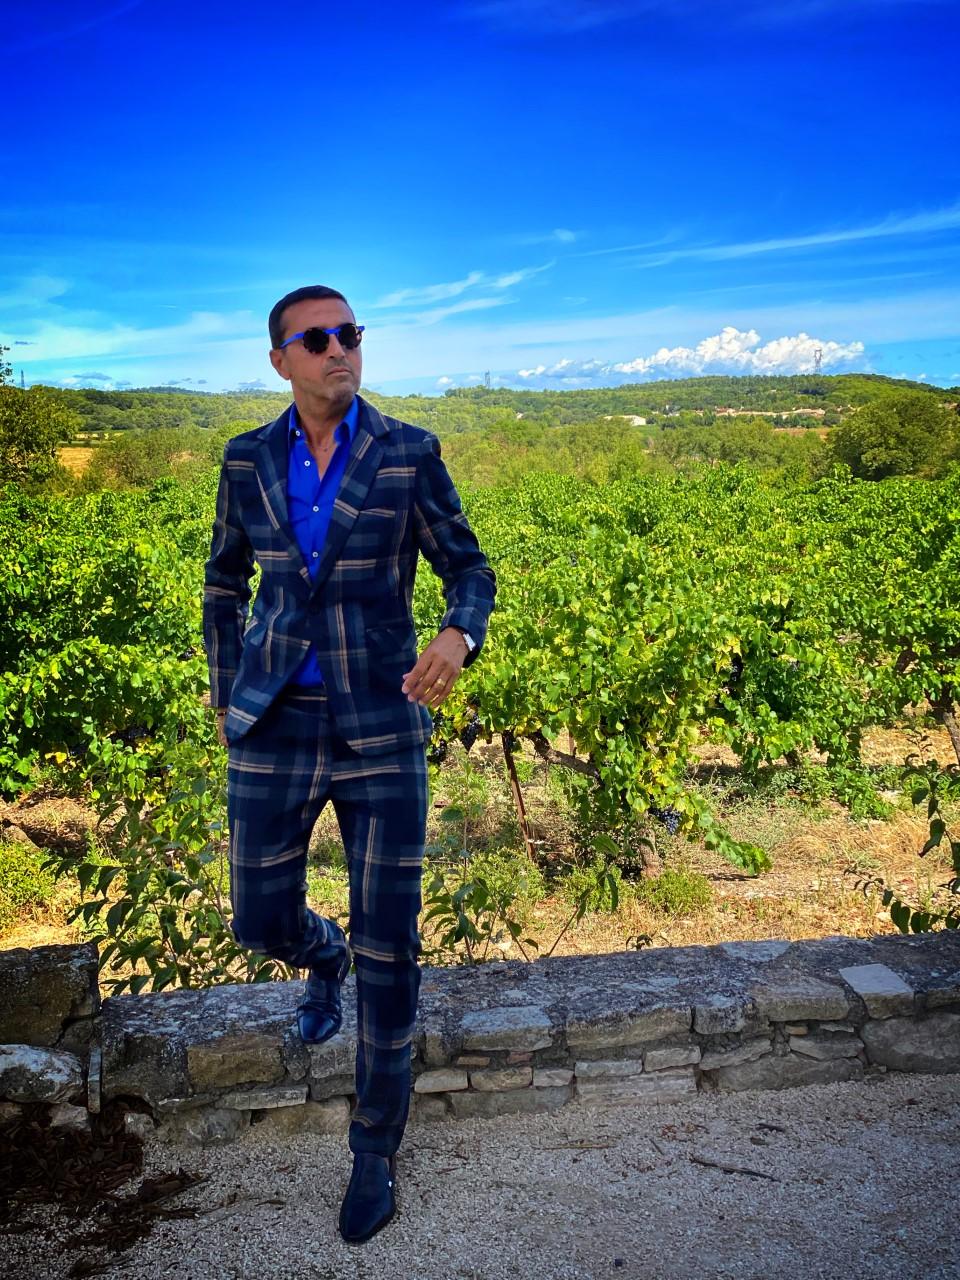 Ce model porte un très beau costume à carreaux bleus, d'une coupe contemporaine et slim fit assorti d'une chemise bleu roi et une paire de chaussures mocassins bleues. L'accessoire principal est une paire de lunettes de soleil bleue pour assure un très beau monochrome bleu.